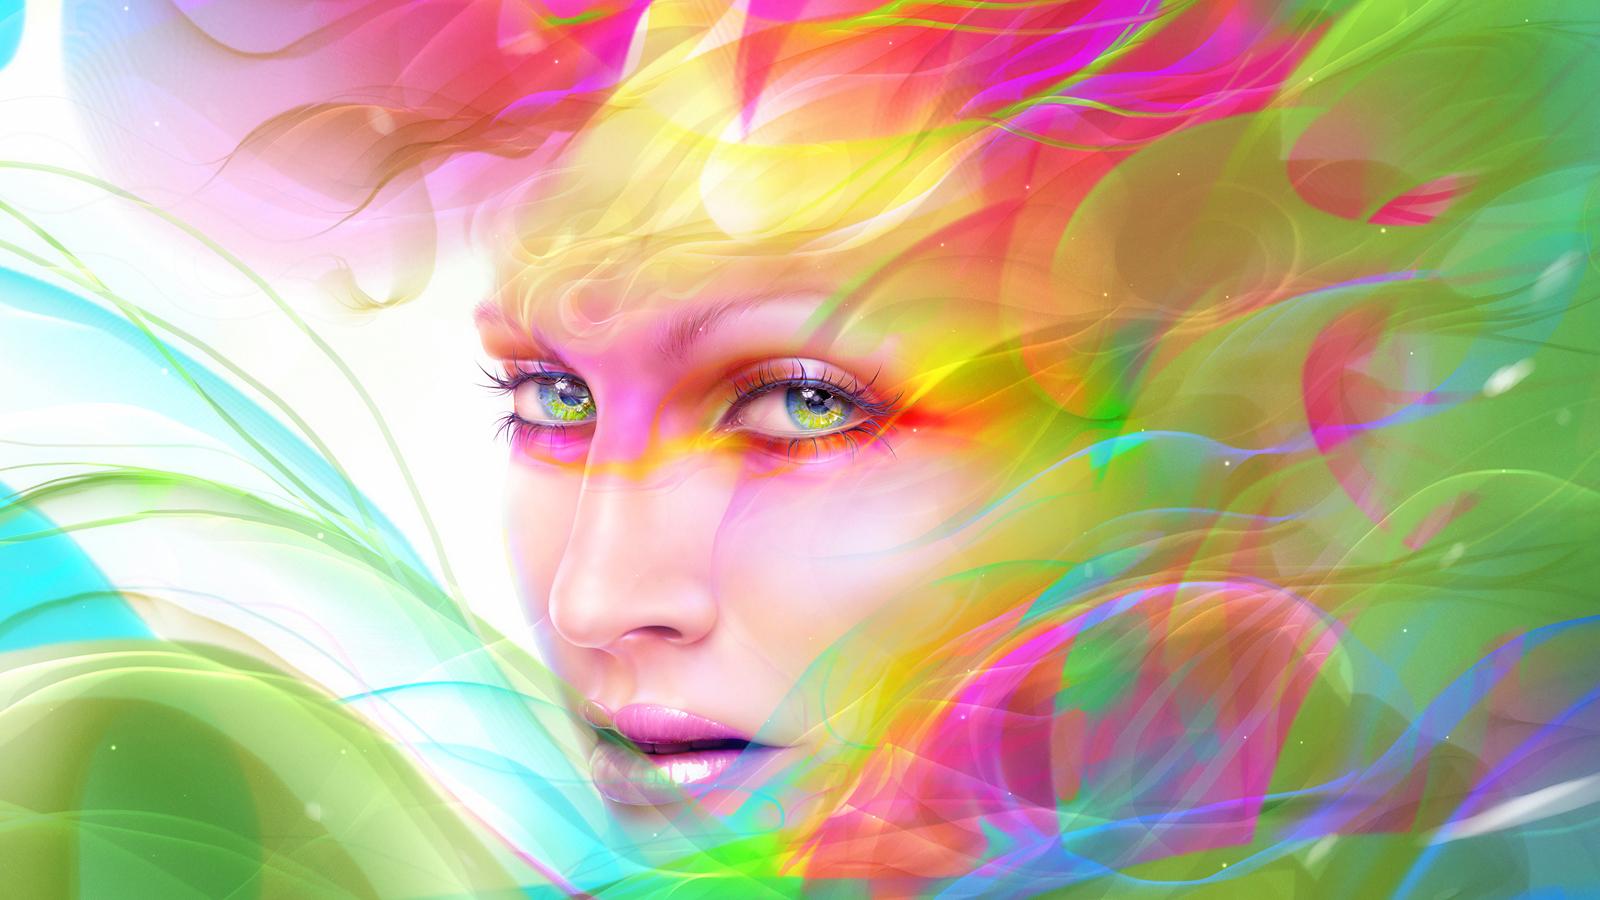 http://3.bp.blogspot.com/-AkKJ9VERuqs/UClE-nH8IwI/AAAAAAAAGlI/g0hogXoX9GI/s1600/1600x900-Dizorb-Spring-Breeze-HD-Wallpaper.jpg